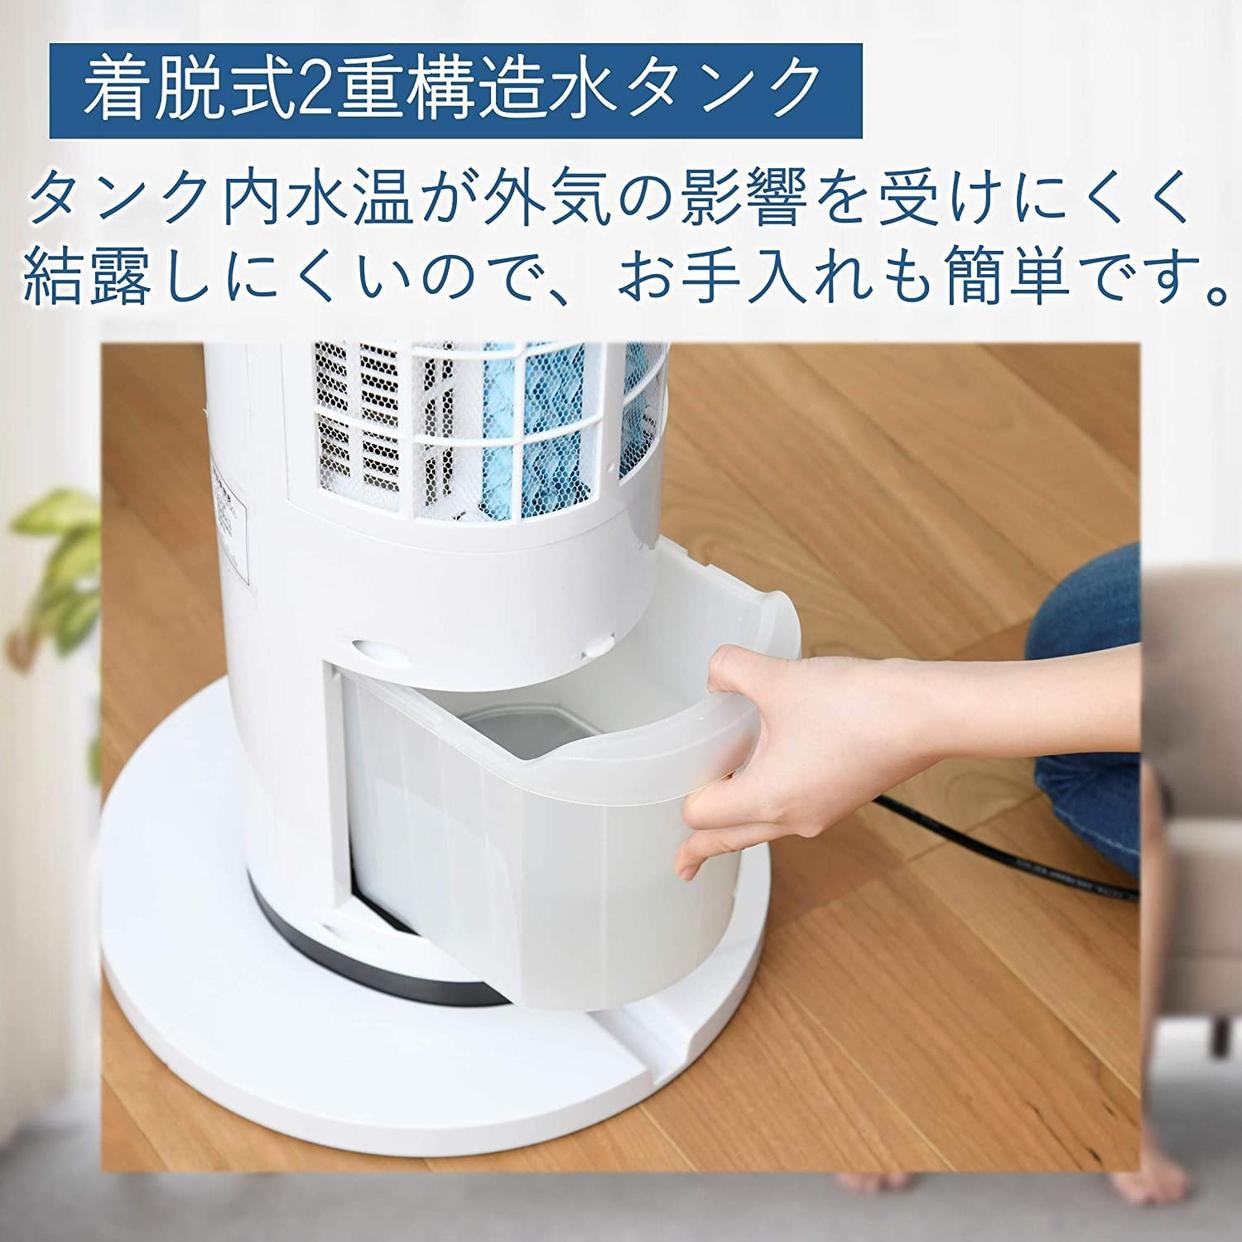 山善(YAMAZEN) 冷風扇 FCR-BWG40の商品画像6